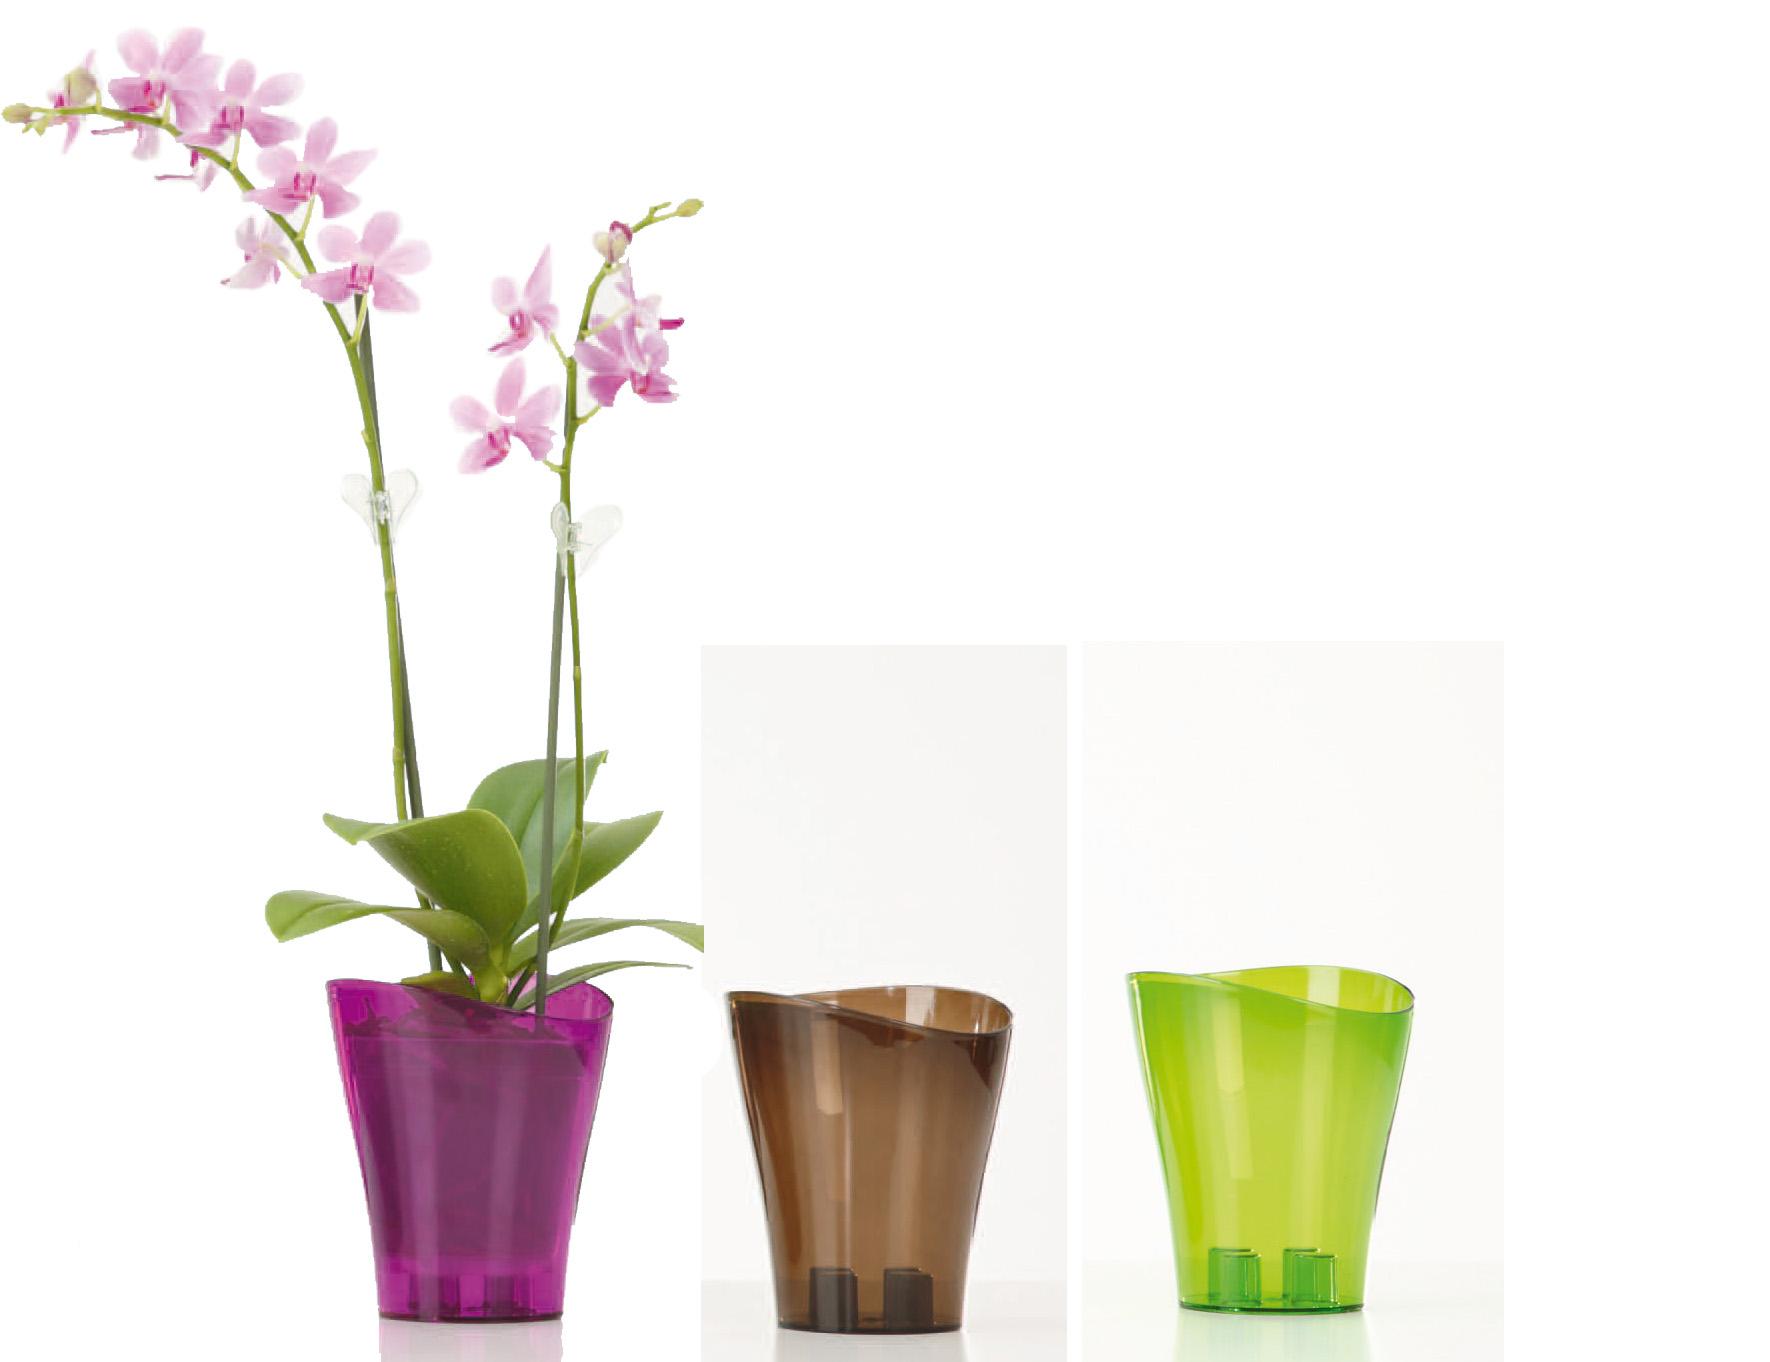 абрау предпочитают какие горшки нужны для орхидей фото немного поделок